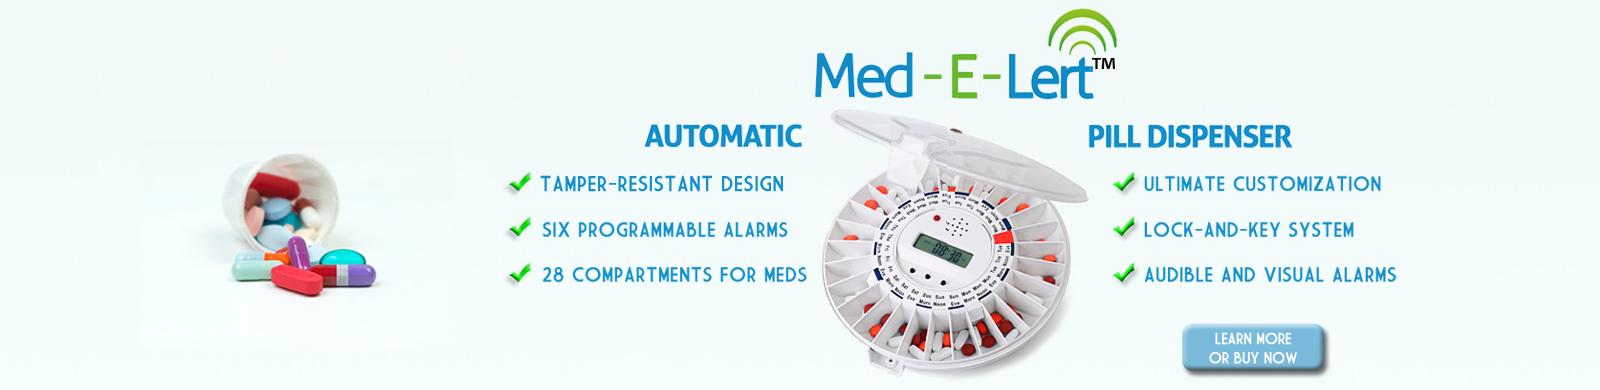 Med-E-Lert Automatic Pill Dispenser on Sale